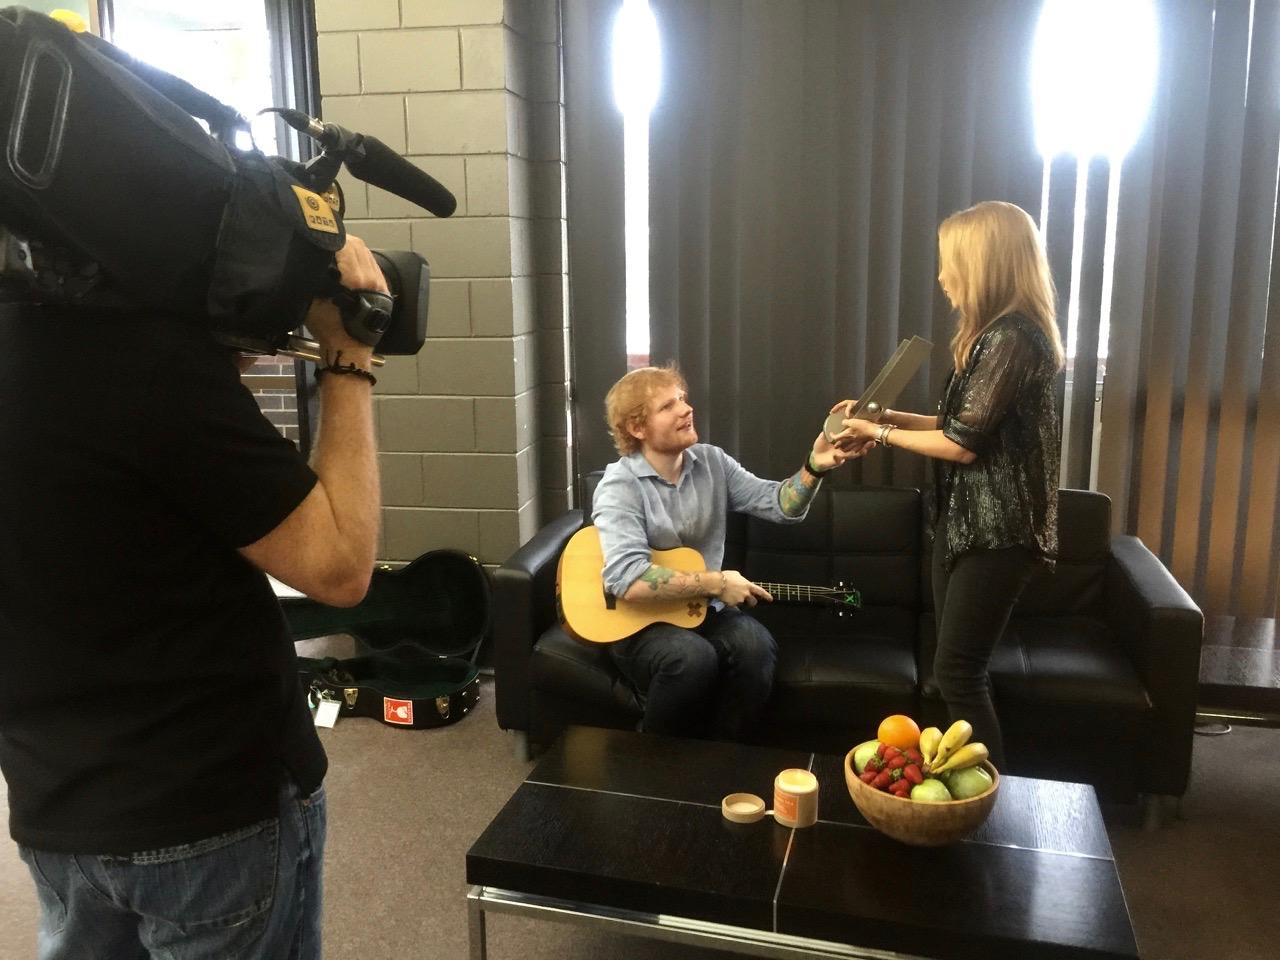 Ed Sheeran and Kylie Minogue shoot